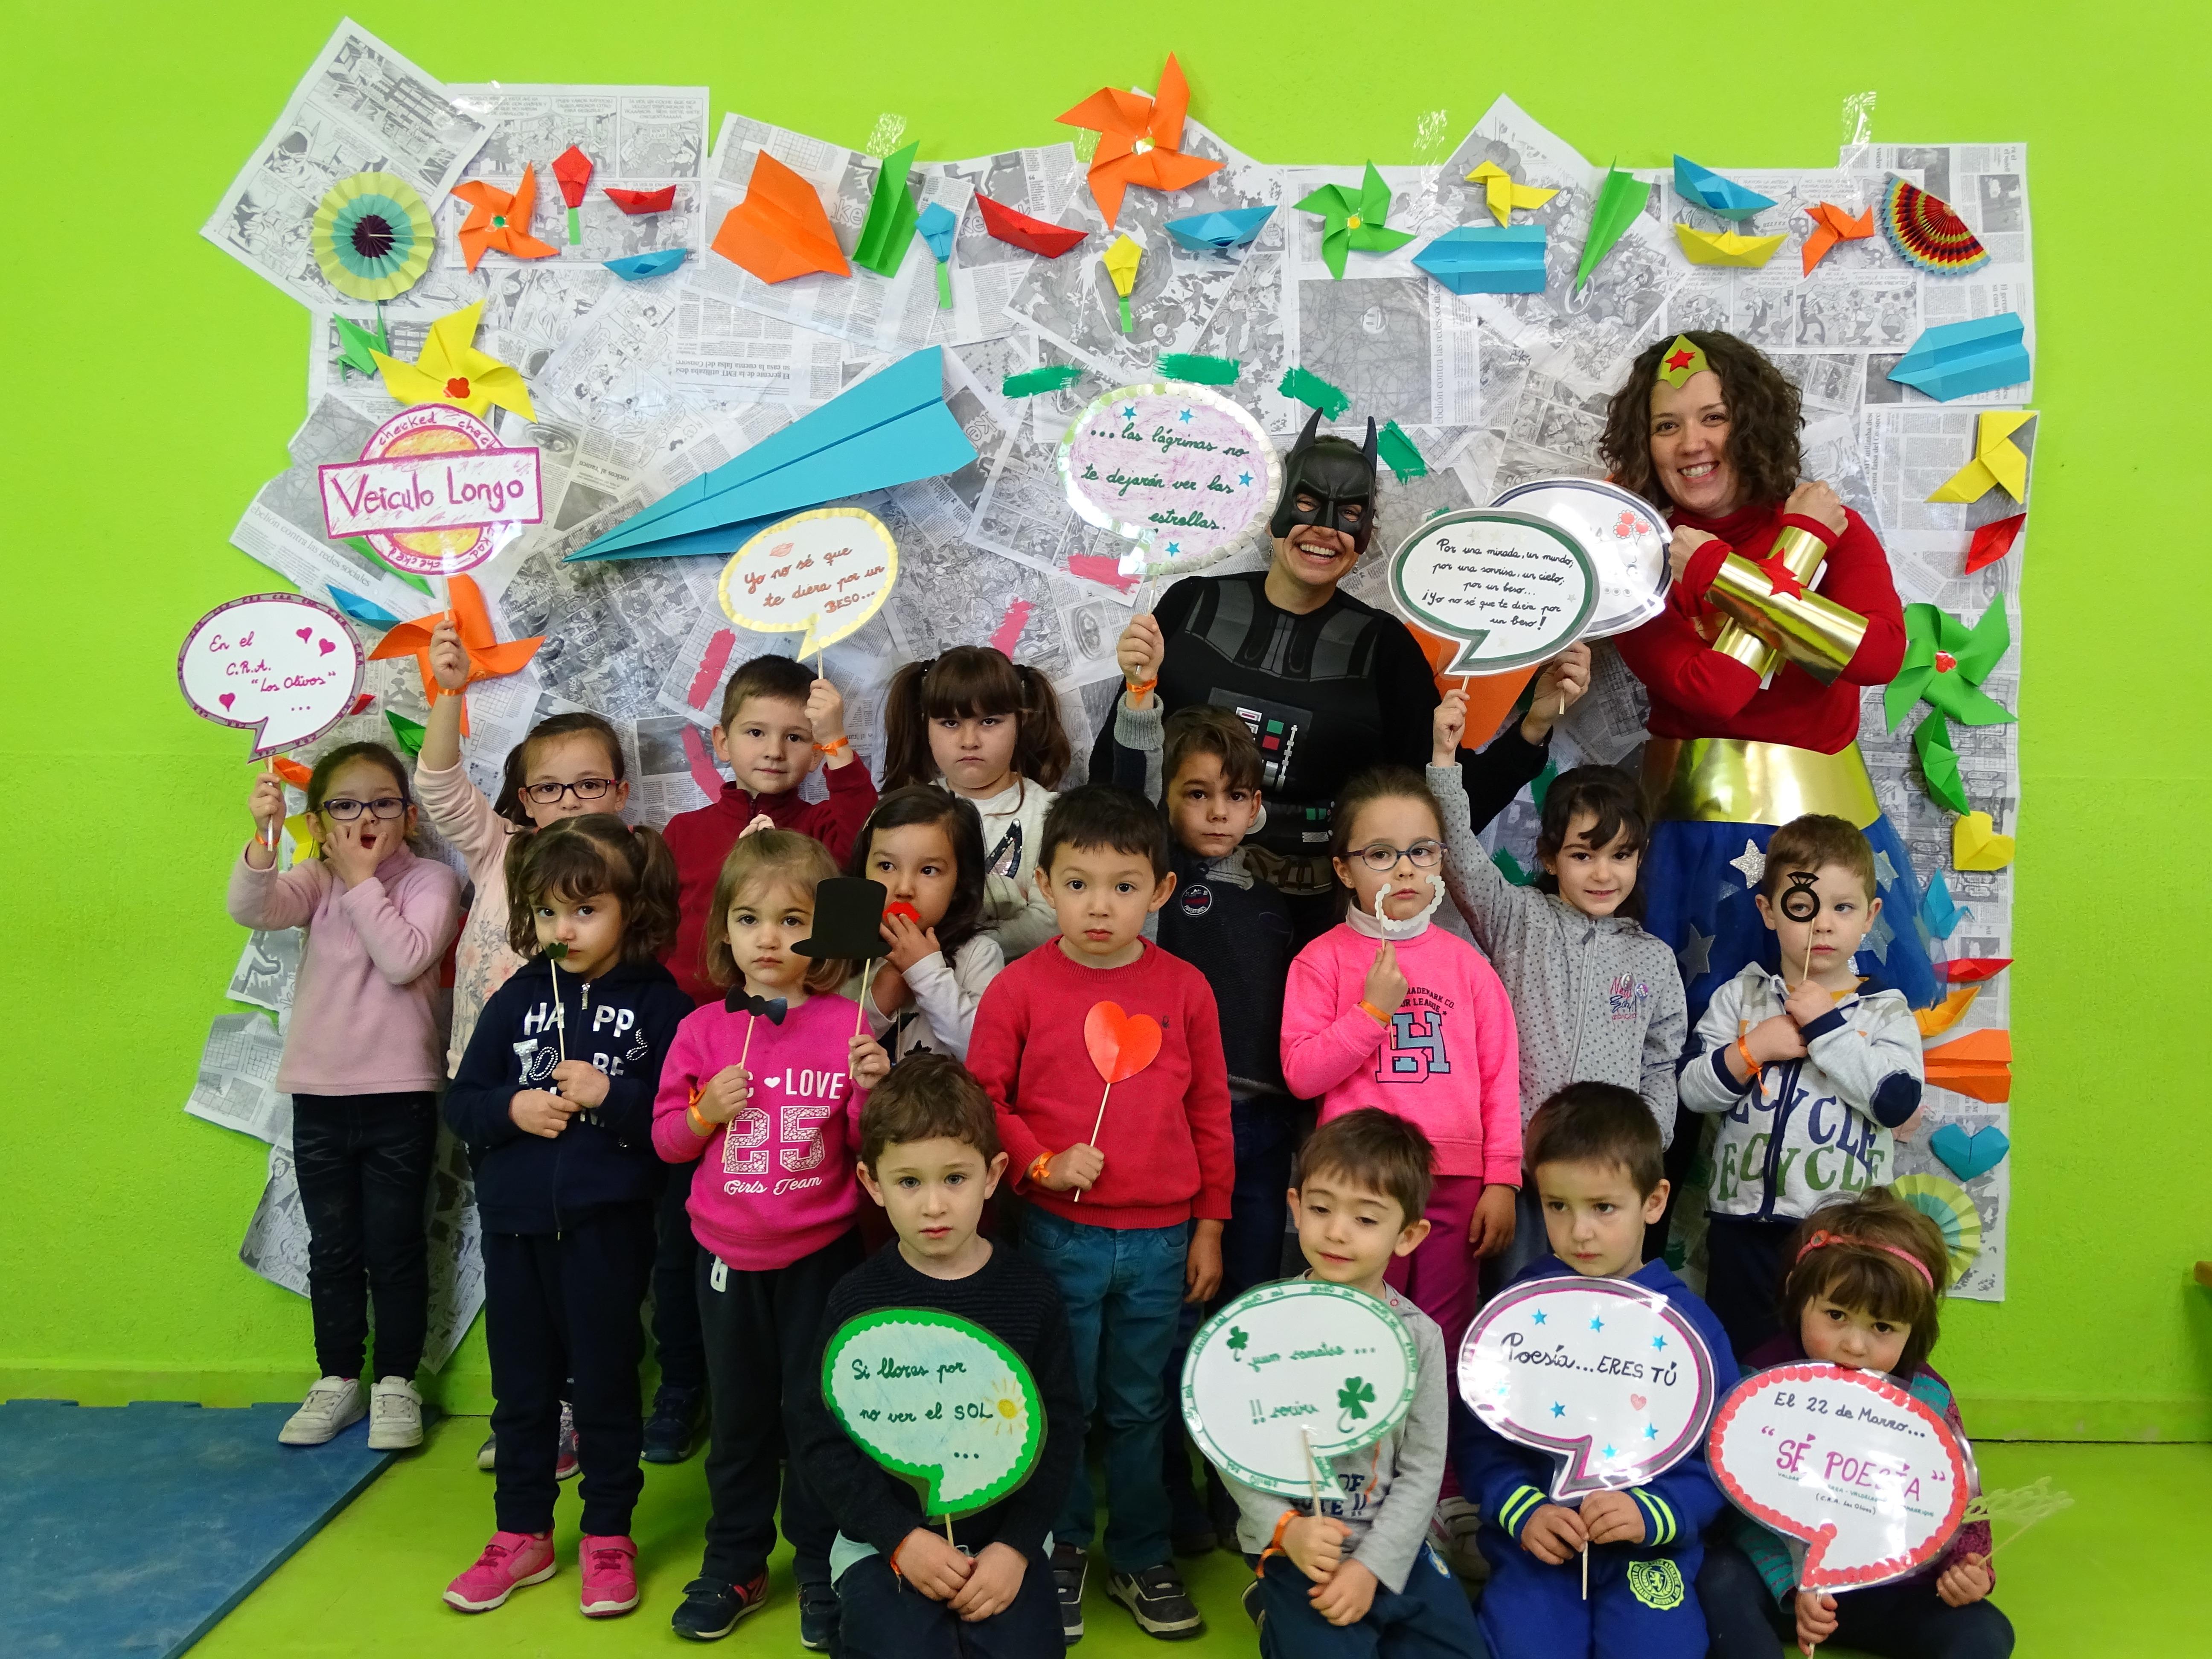 Día de la Poesía en Valdaracete 2018 (3) 15